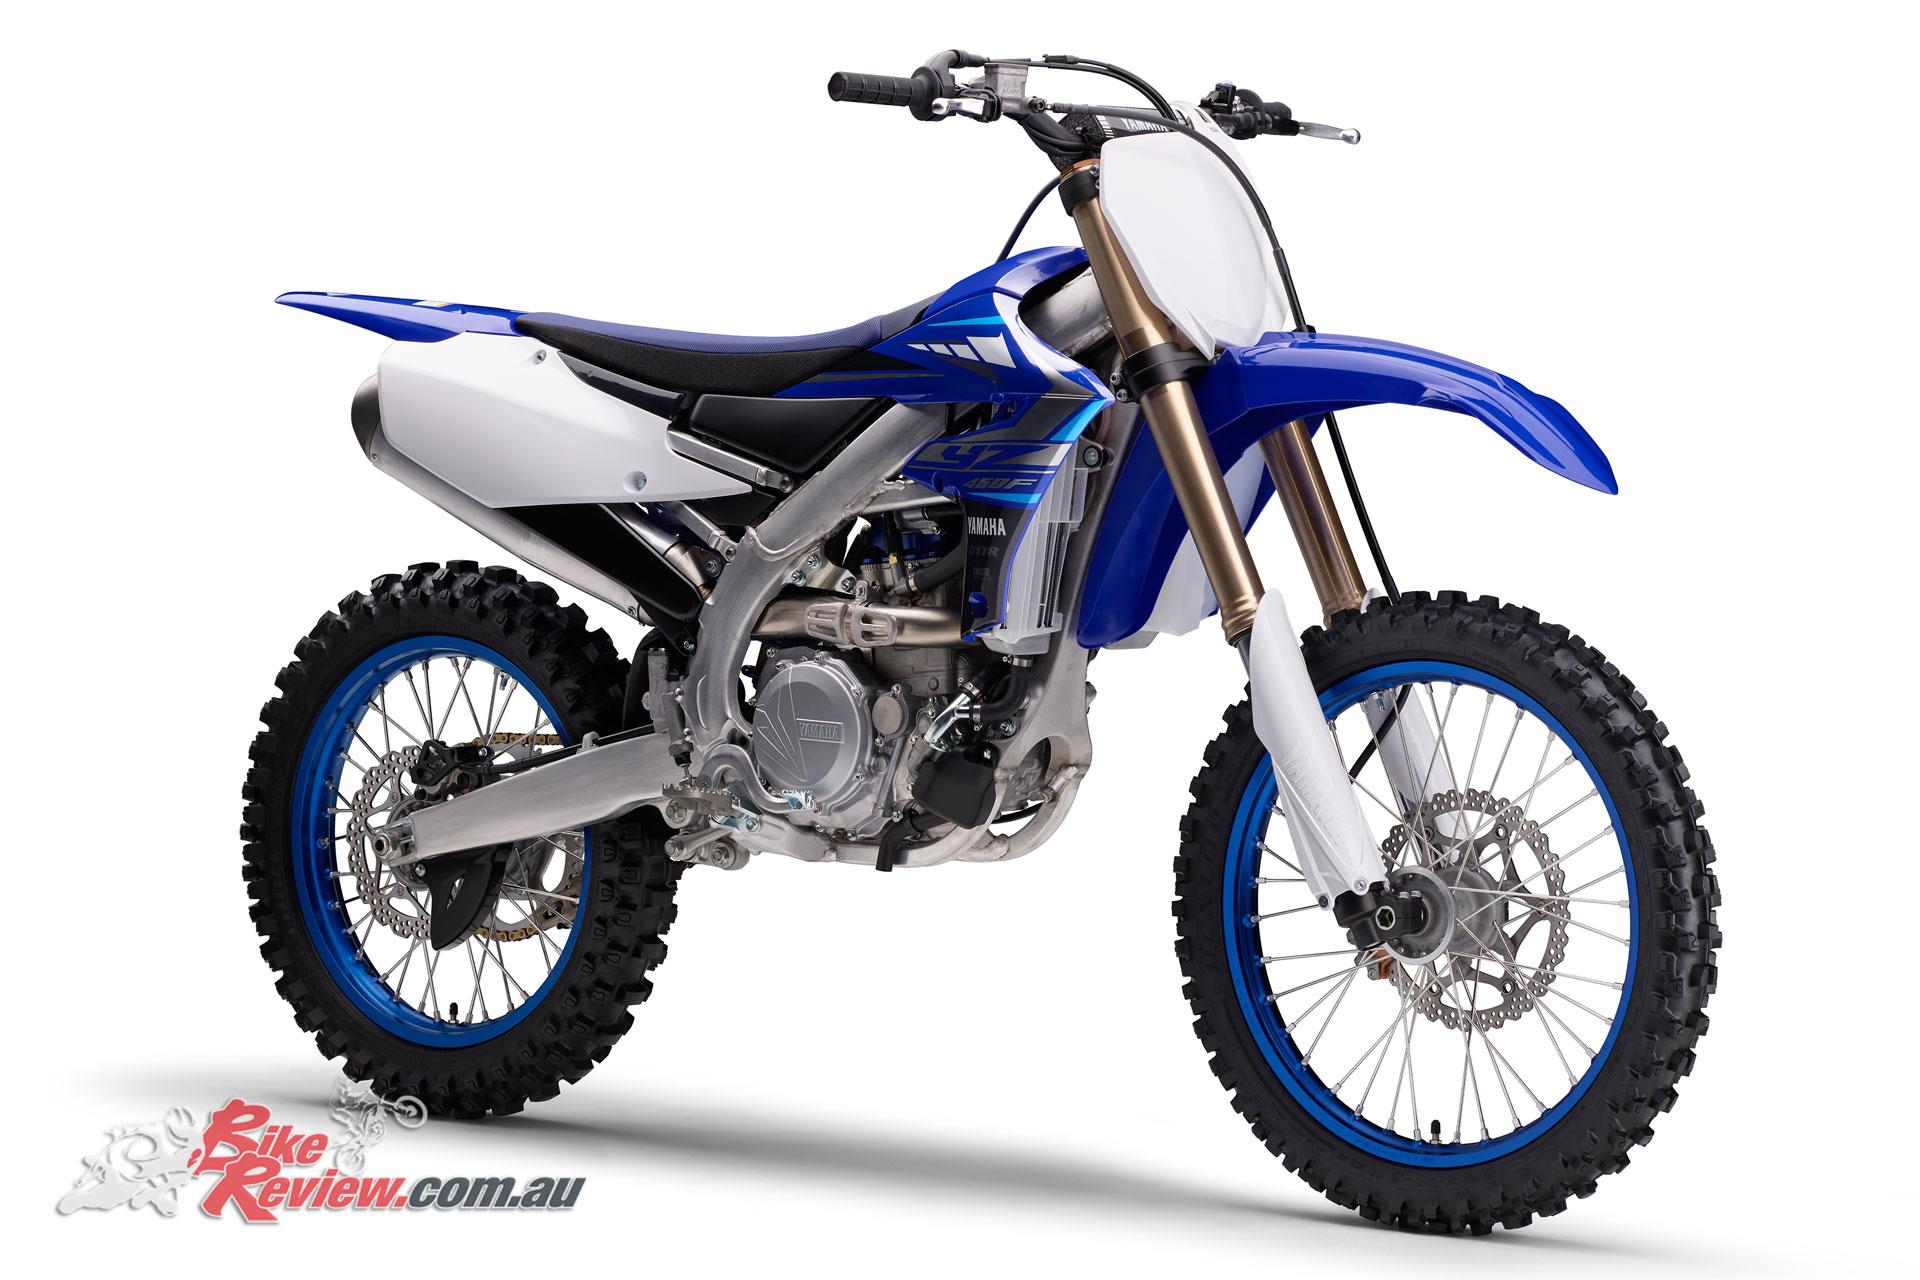 2020 Yamaha YZ450F announced!